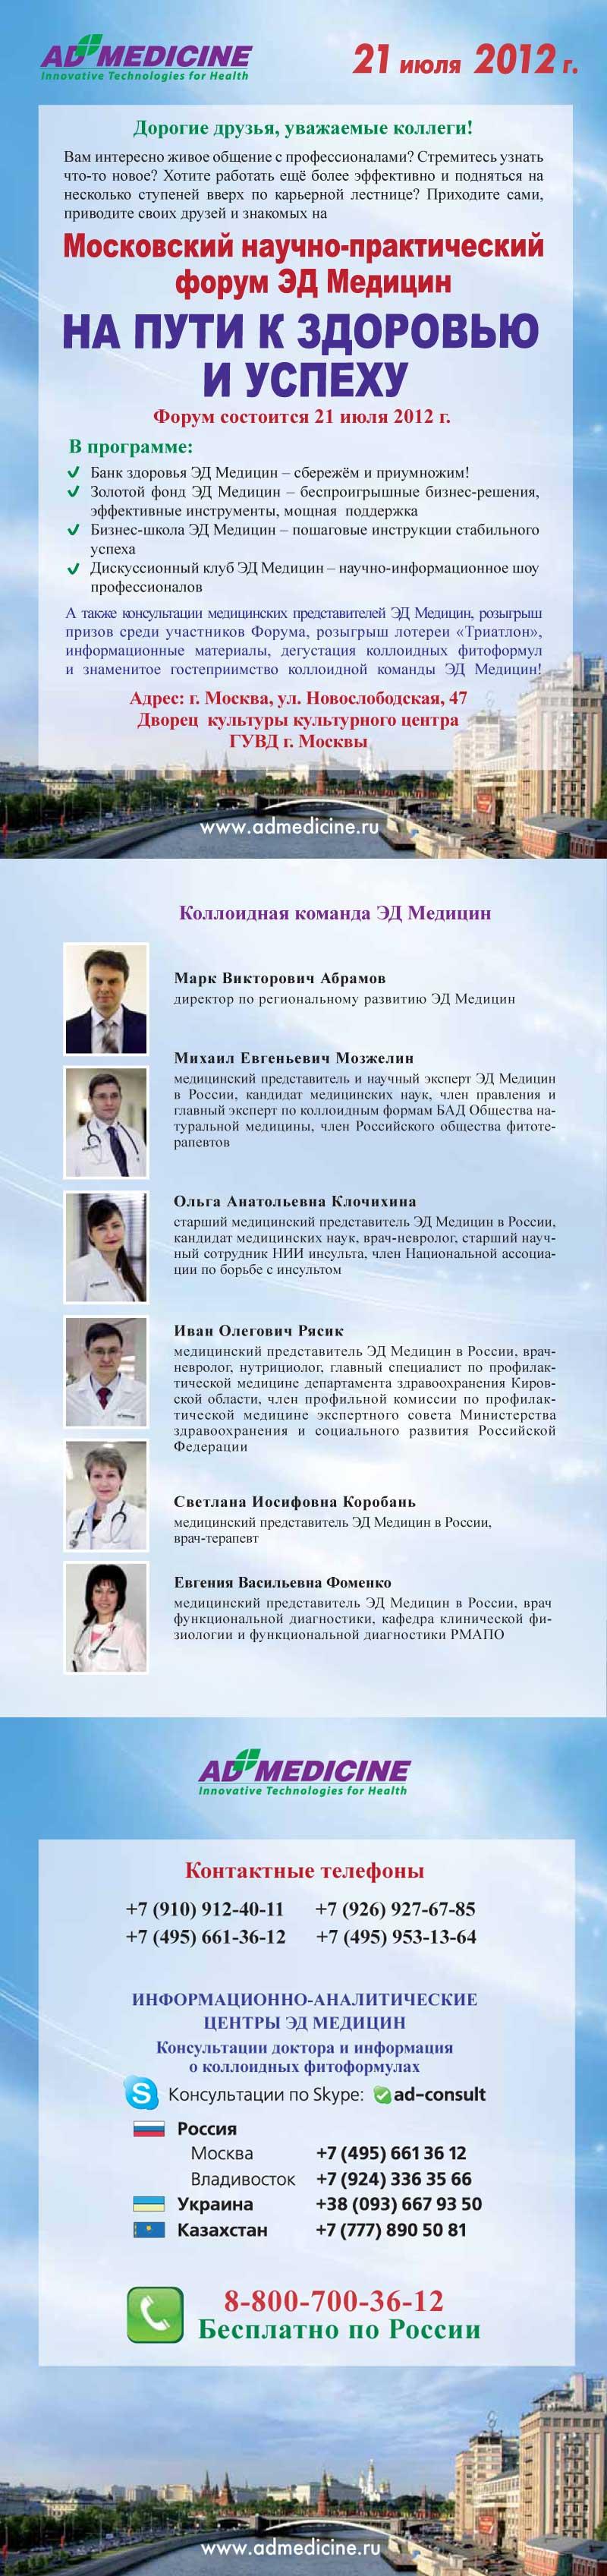 Научно-практический форум ЭД Медицин «НА ПУТИ К ЗДОРОВЬЮ И УСПЕХУ»